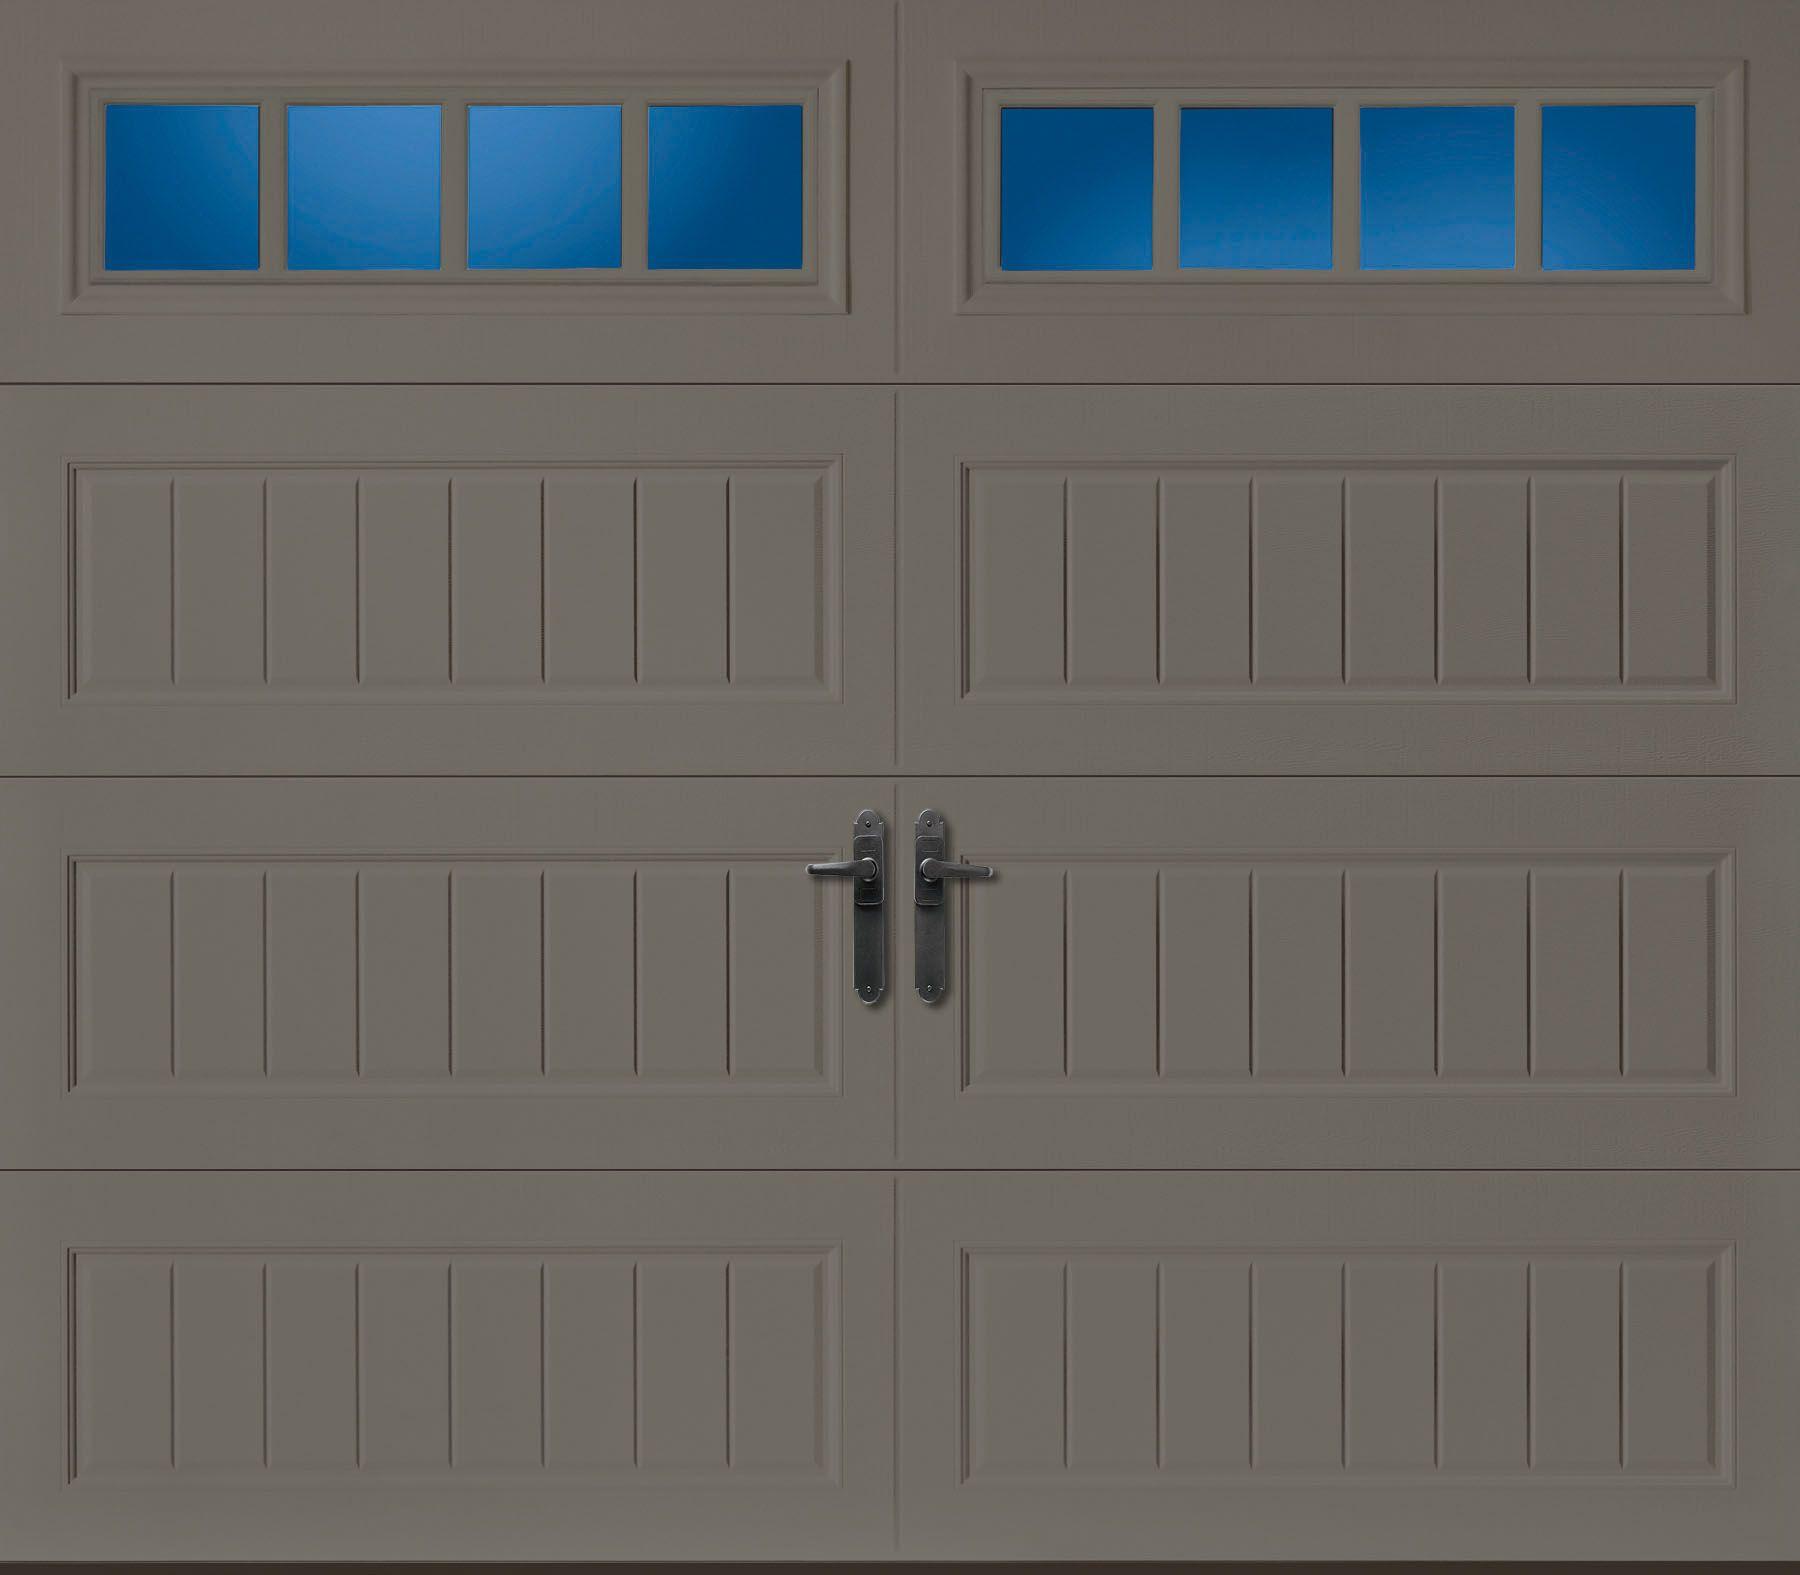 Amarr Oak Summit 1000 Walnut Garage Door: Amarr Oak Summit Long Panel Bead Board With Thames Windows